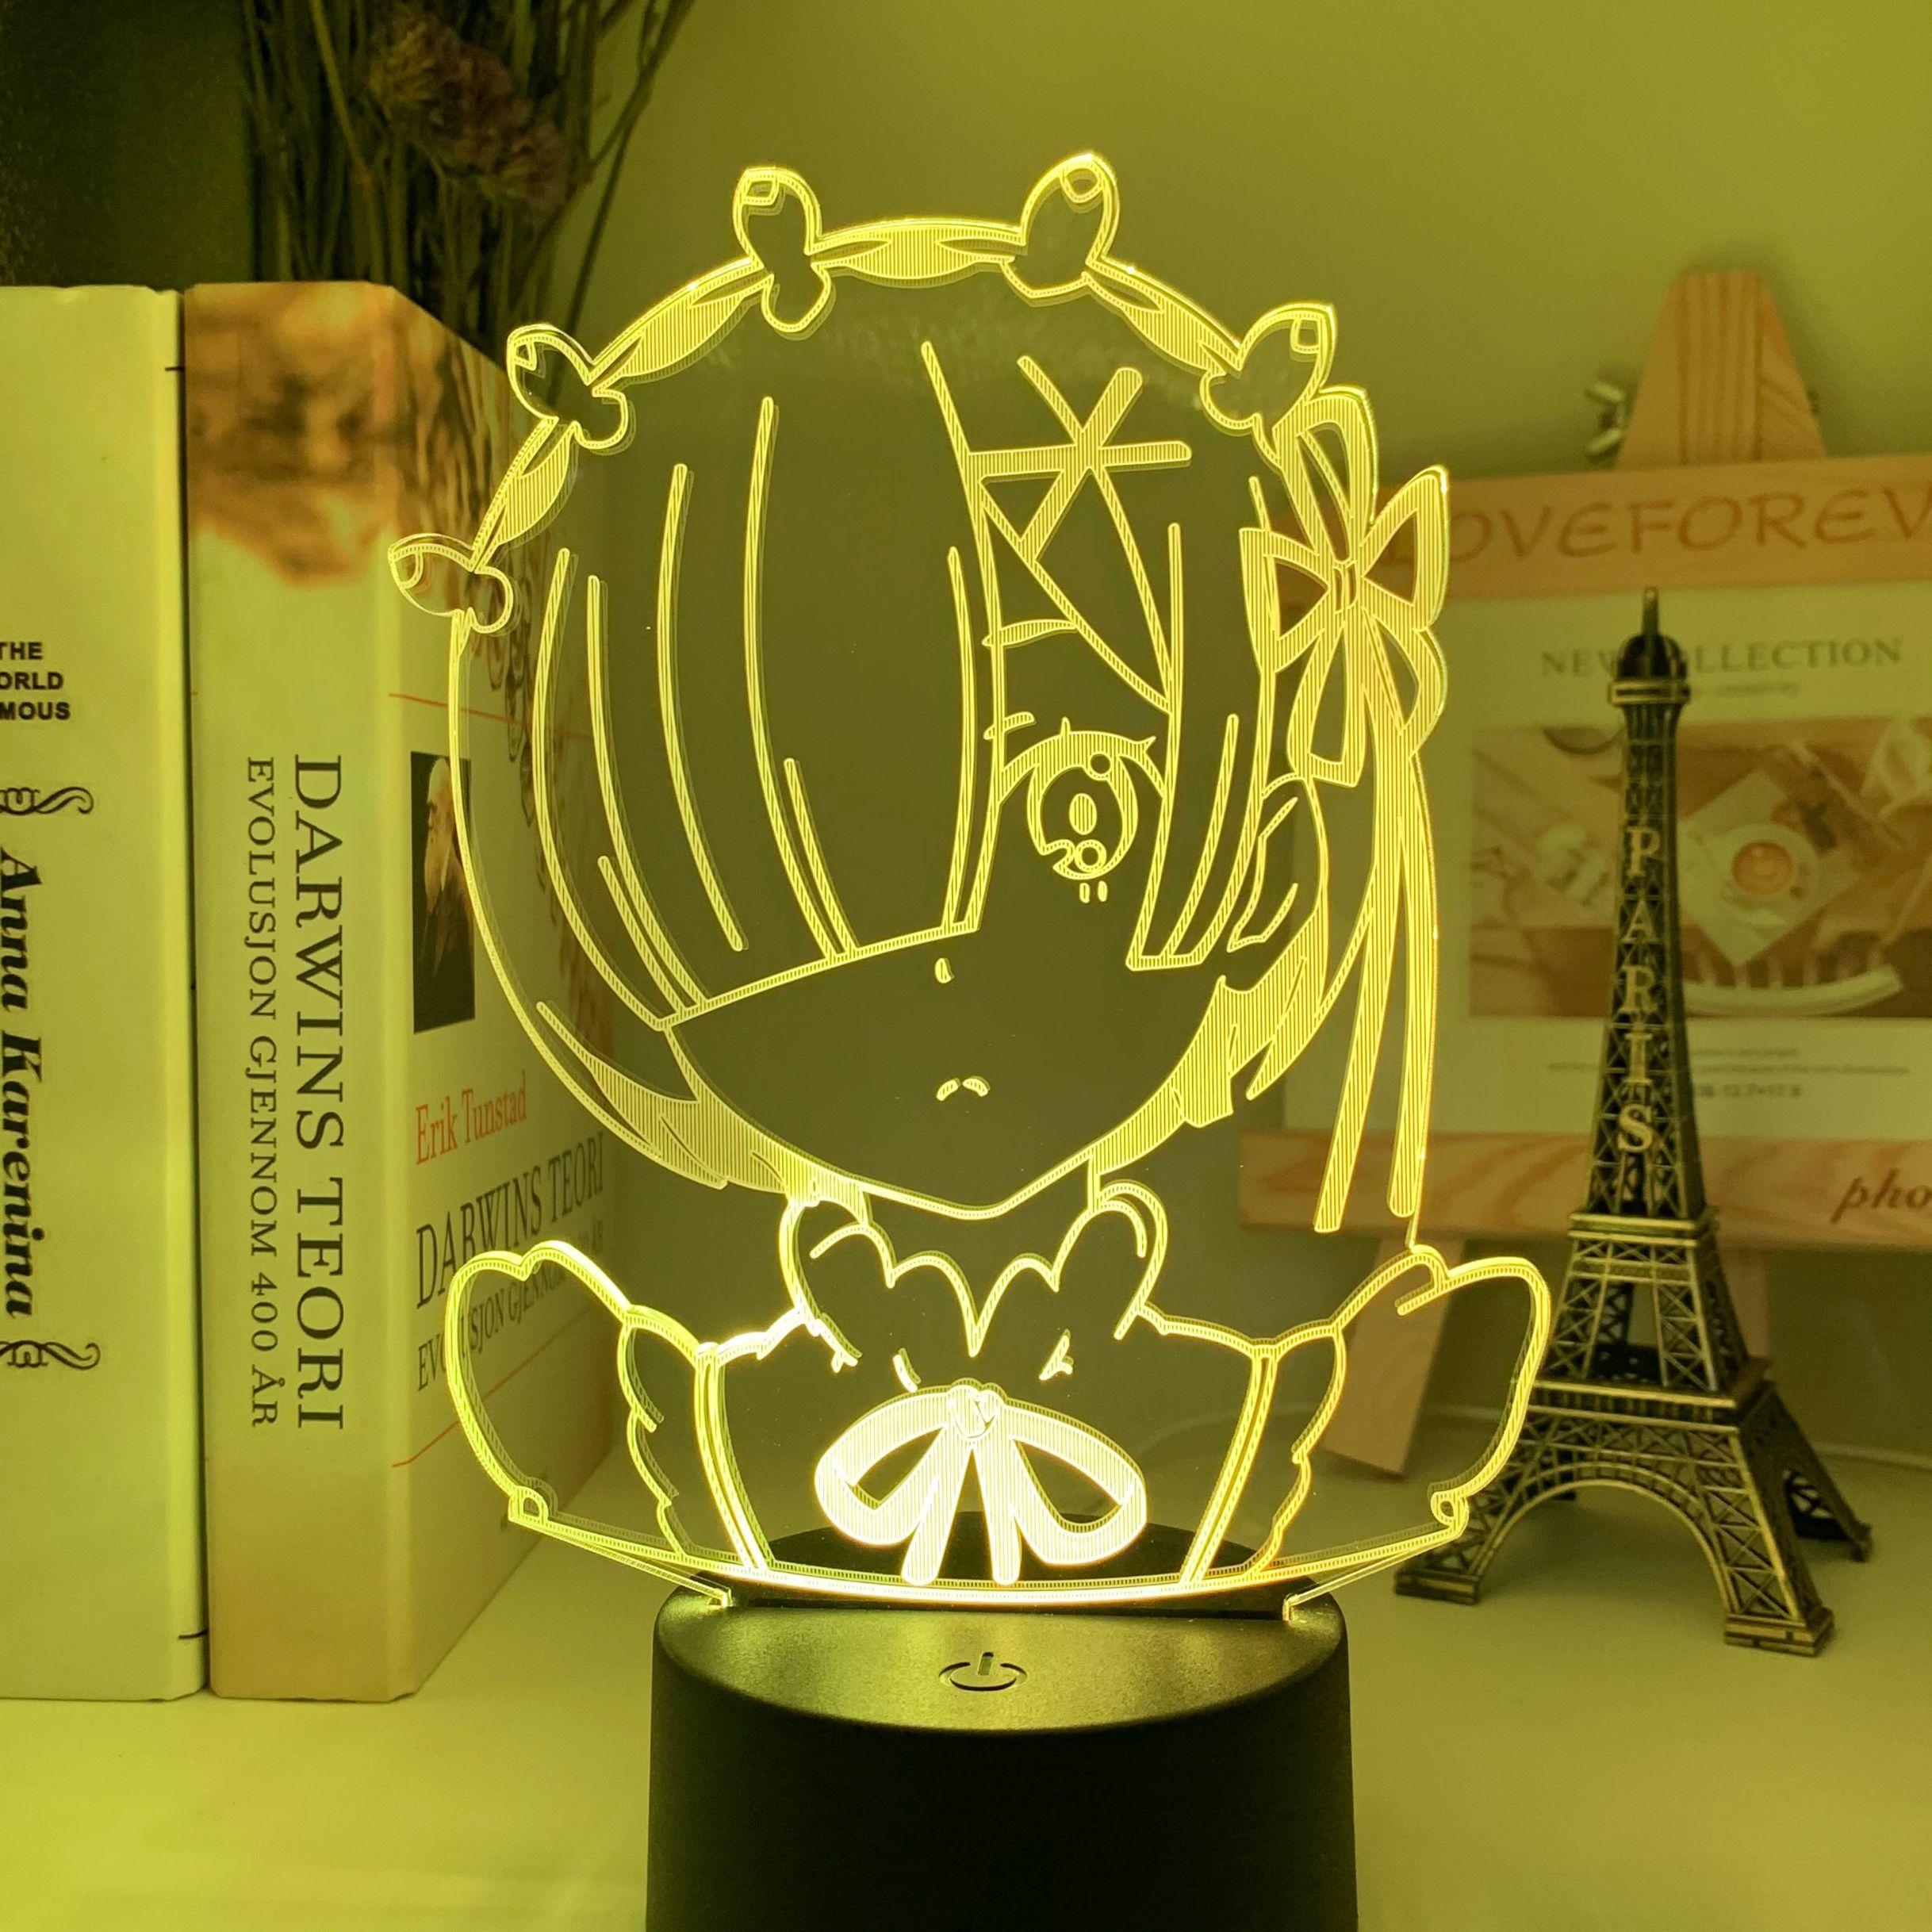 H21aa01261fad4a70a1ee0c83bad5b7f6S Luminária Anime rem re zero starting life in another world figura luz da noite led sensor de toque mudança cor do bebê nightlight para decoração do quarto lâmpada mesa 3d manga presente